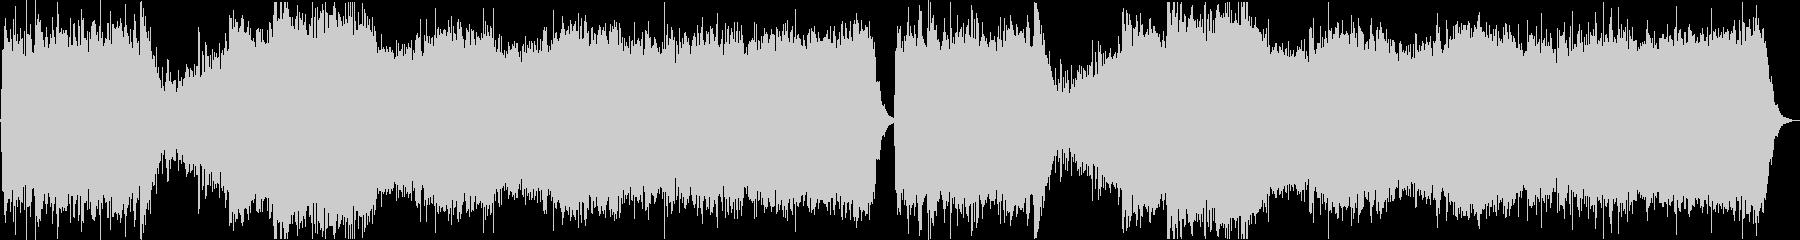 不気味で壮大なシネマ系ホラーBGMの未再生の波形